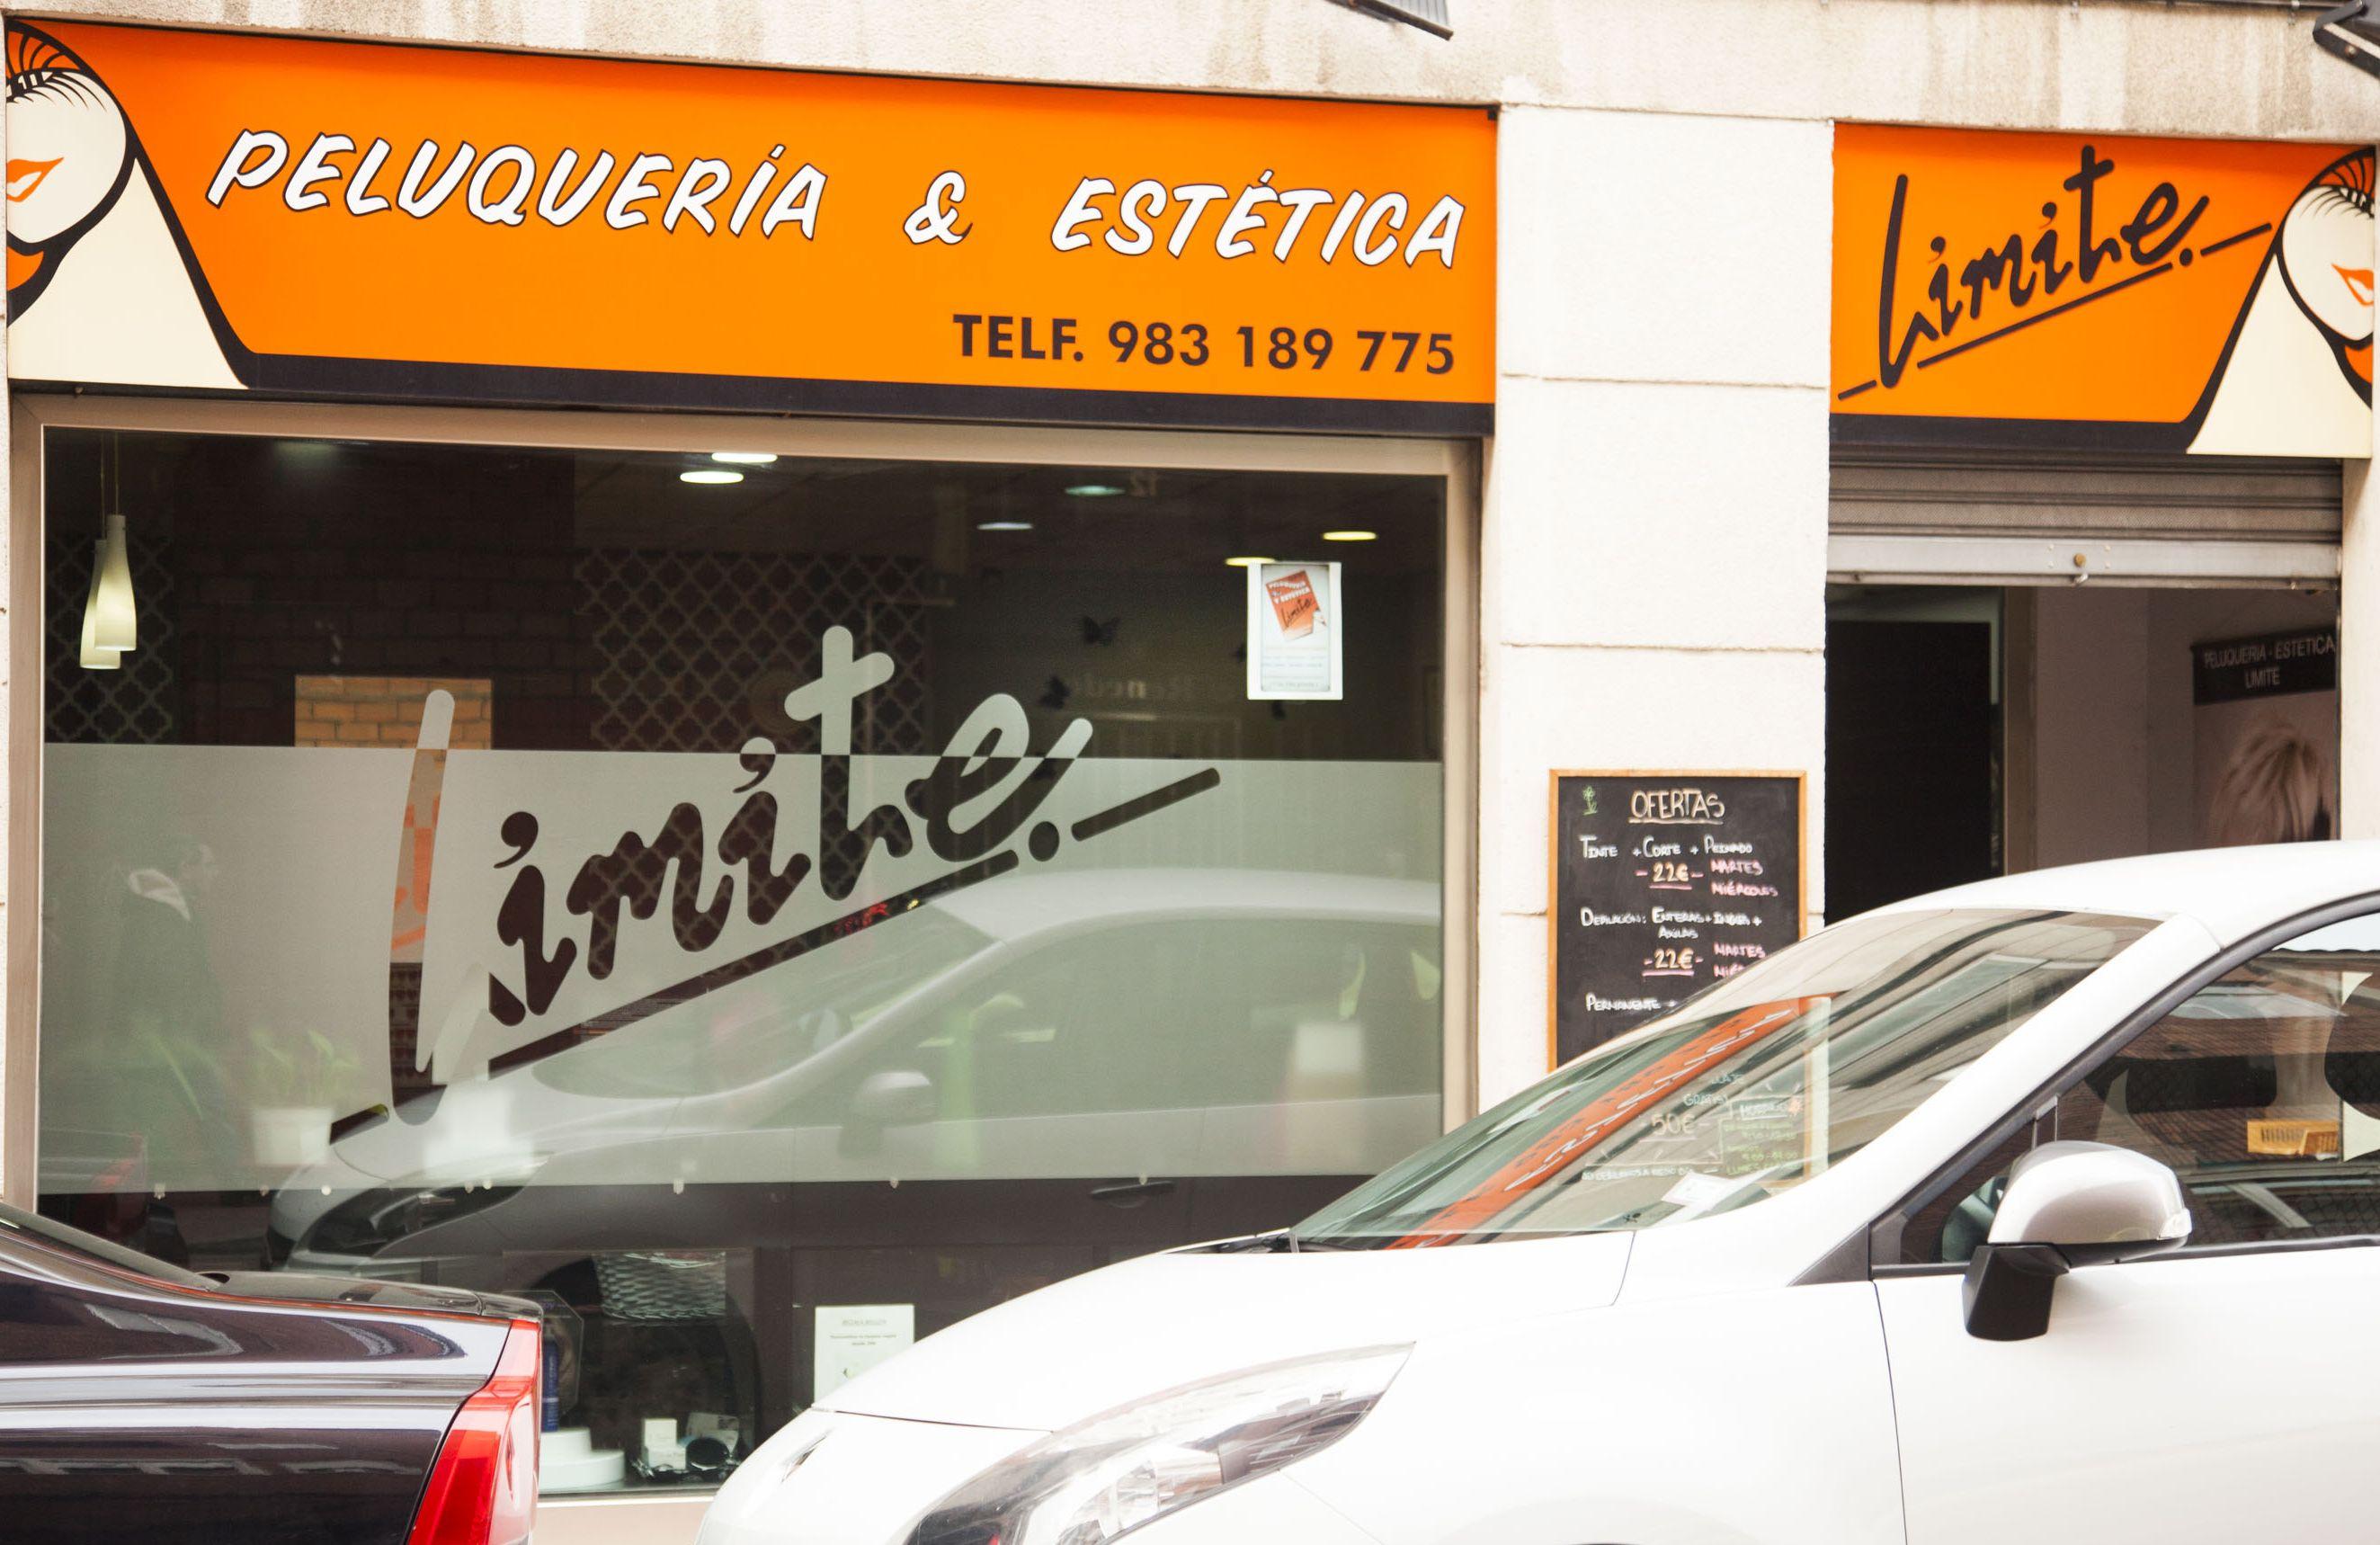 Centro de peluquería y estética Límite